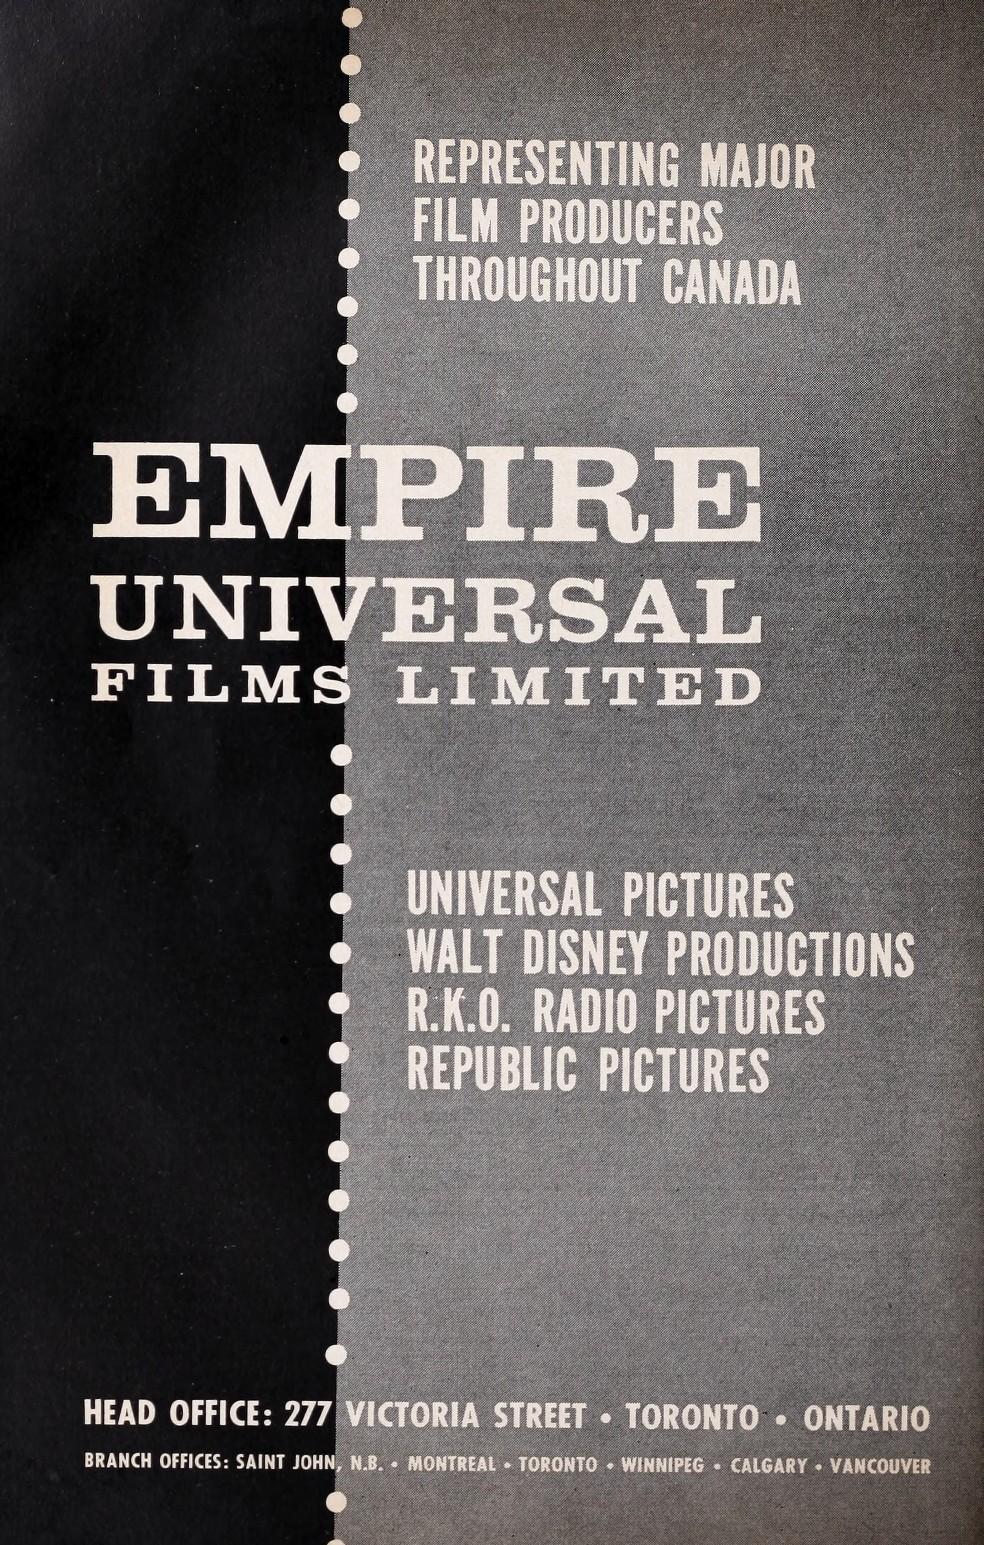 196364yearbookca00film_jp2.zip&file=196364yearbookca00film_jp2%2f196364yearbookca00film_0070